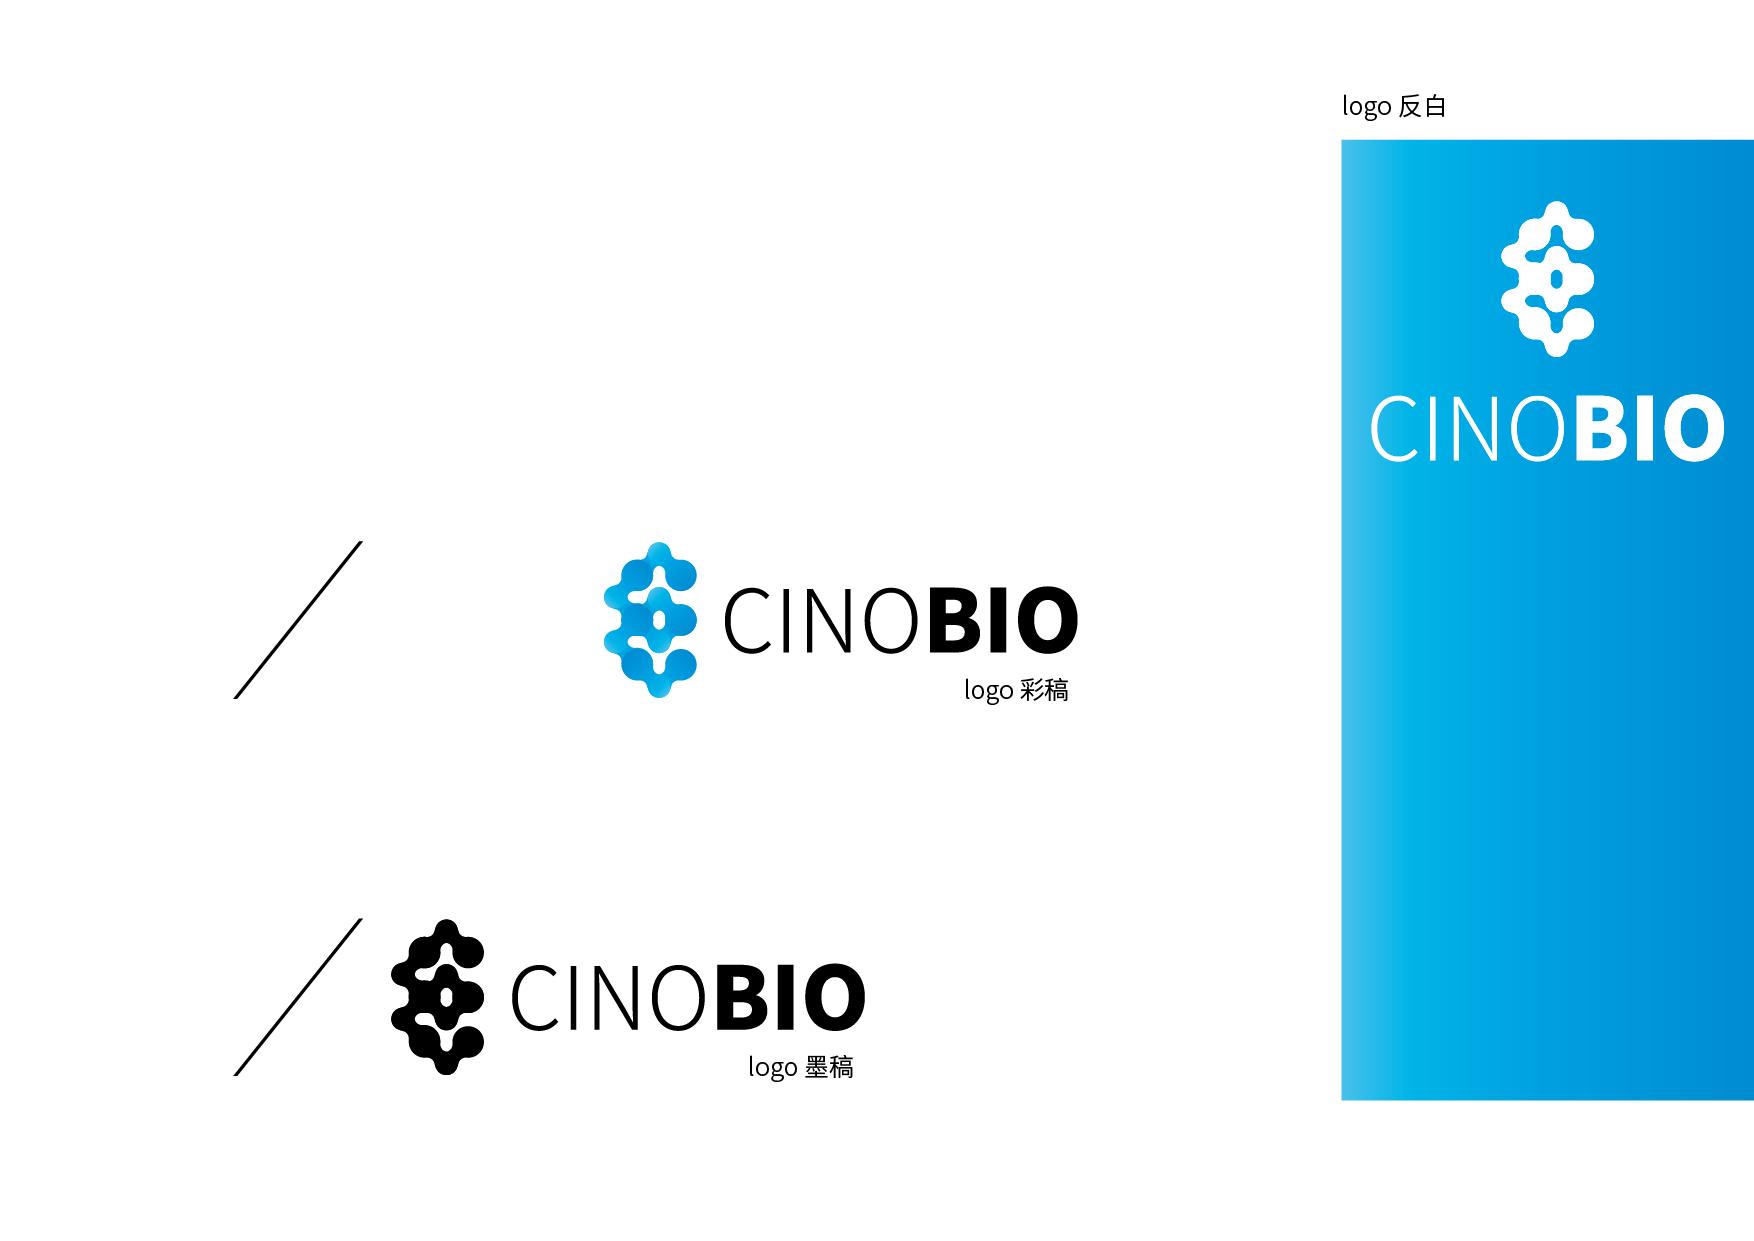 微生物科技公司logo设计_3020315_k68威客网